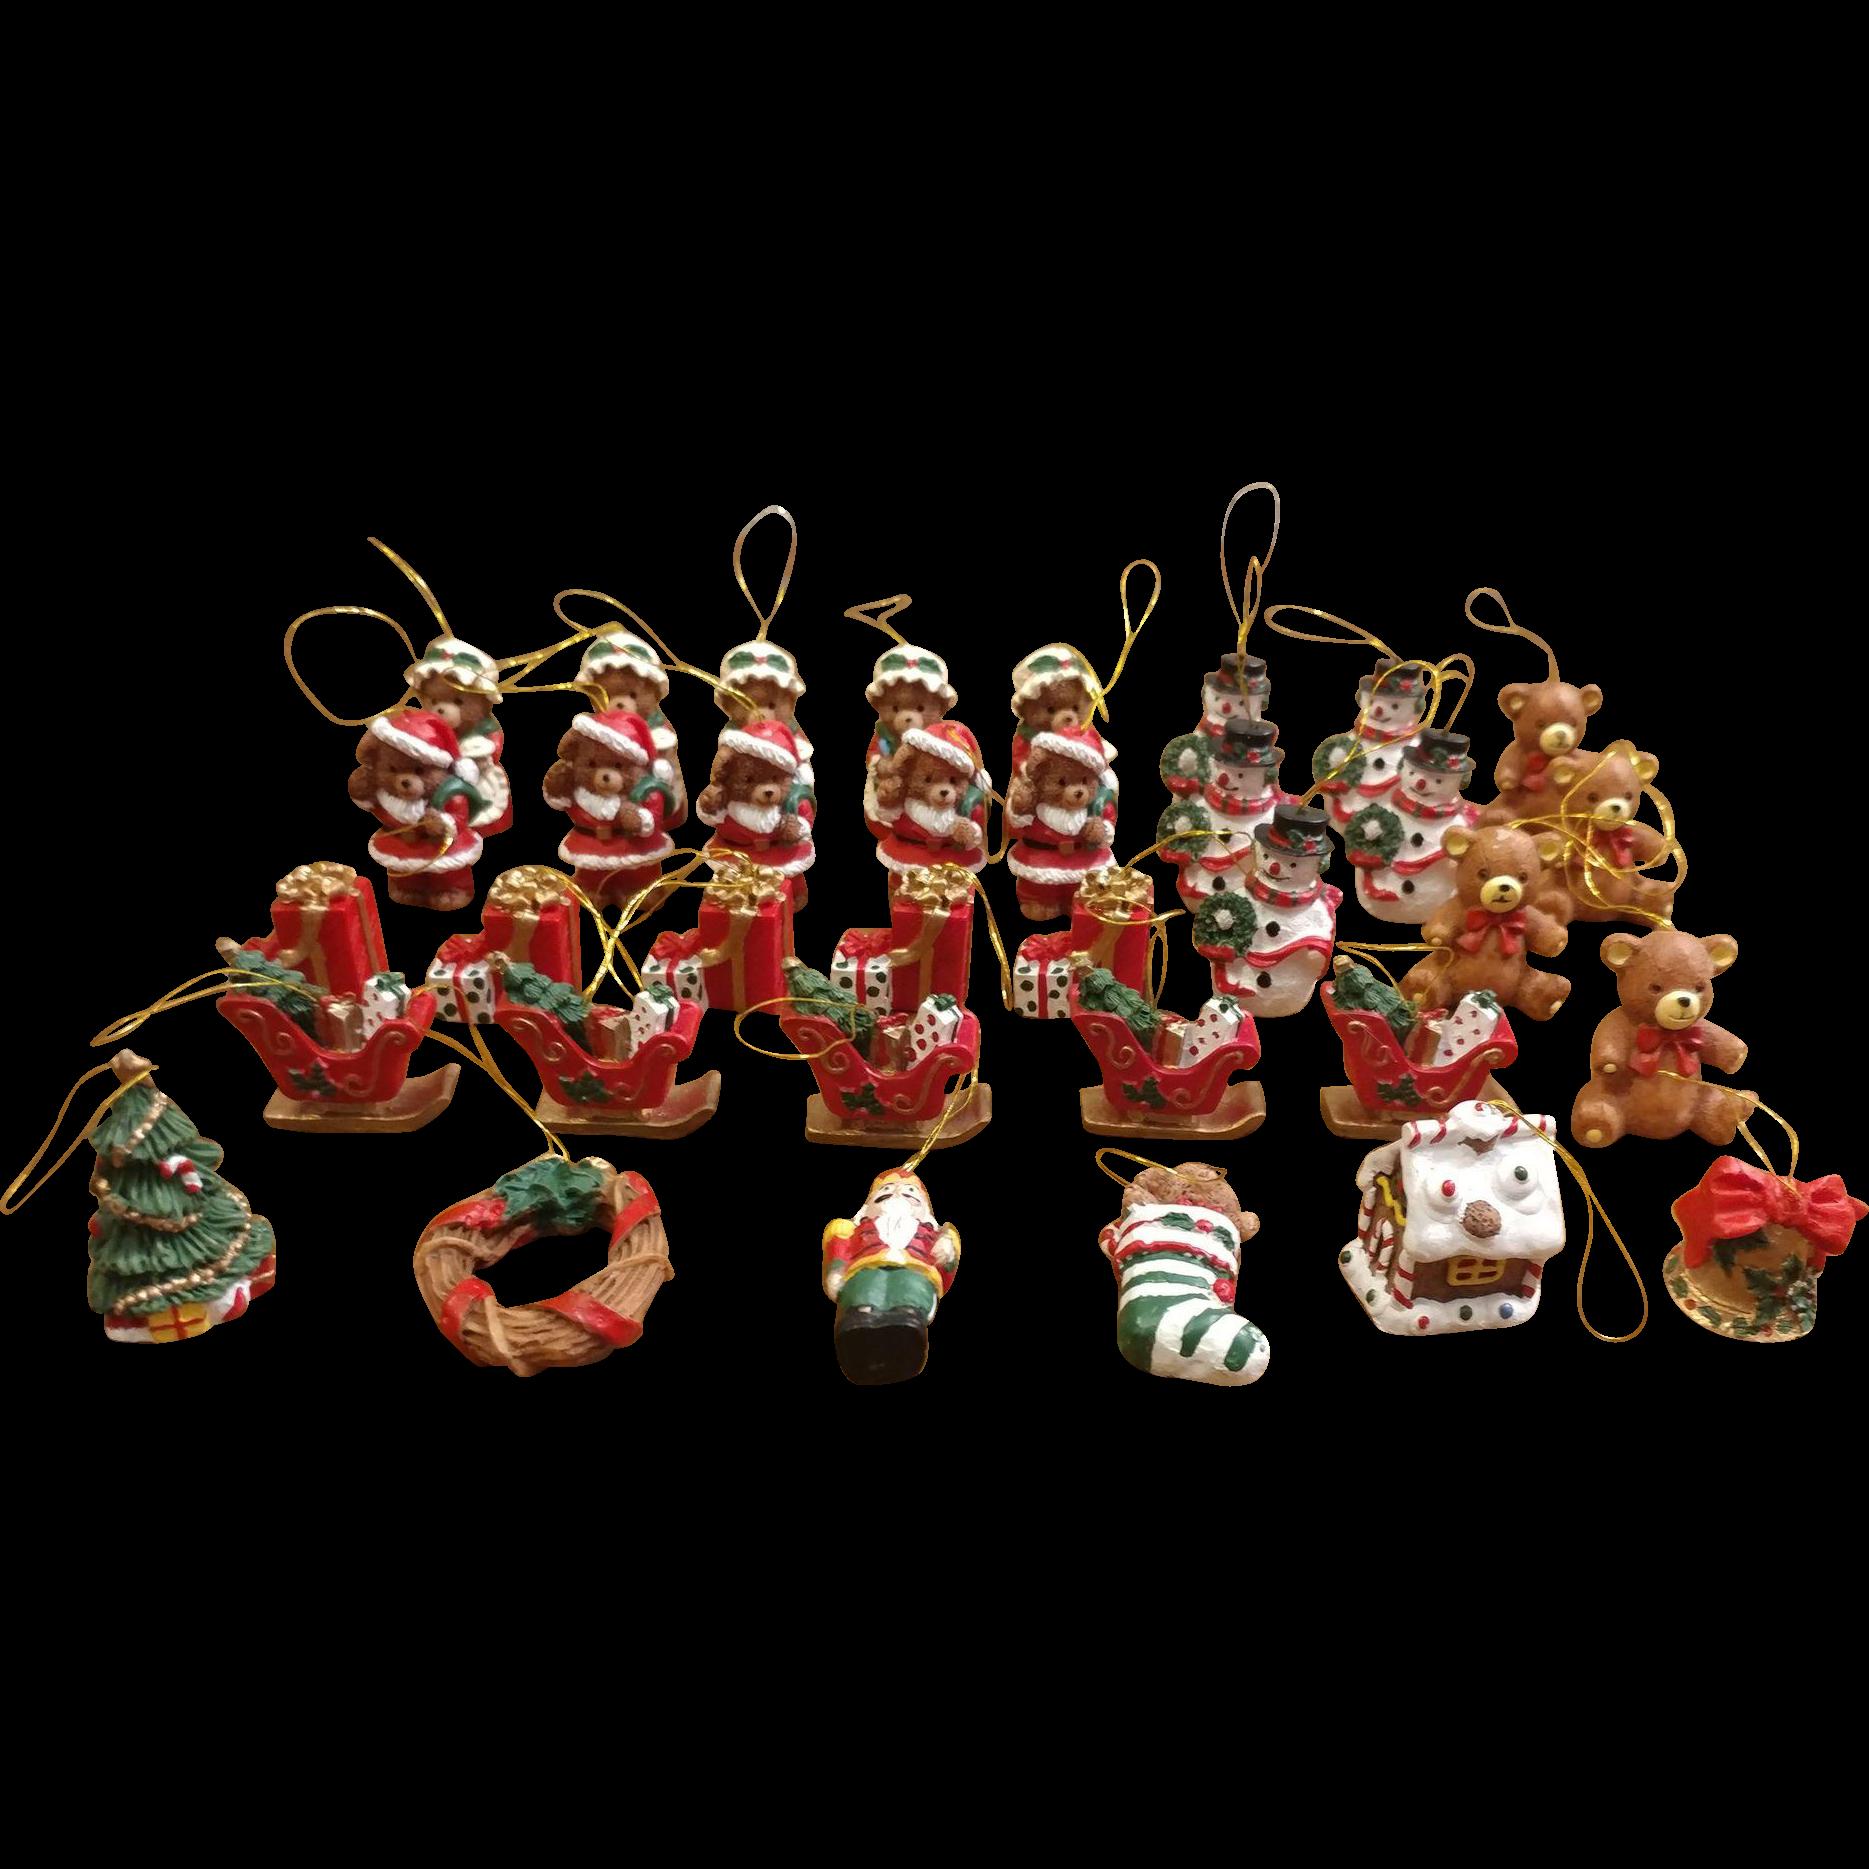 Christmas Lights Shop Charnock Richard: 35 Miniature Resin Christmas Ornaments : Second Time